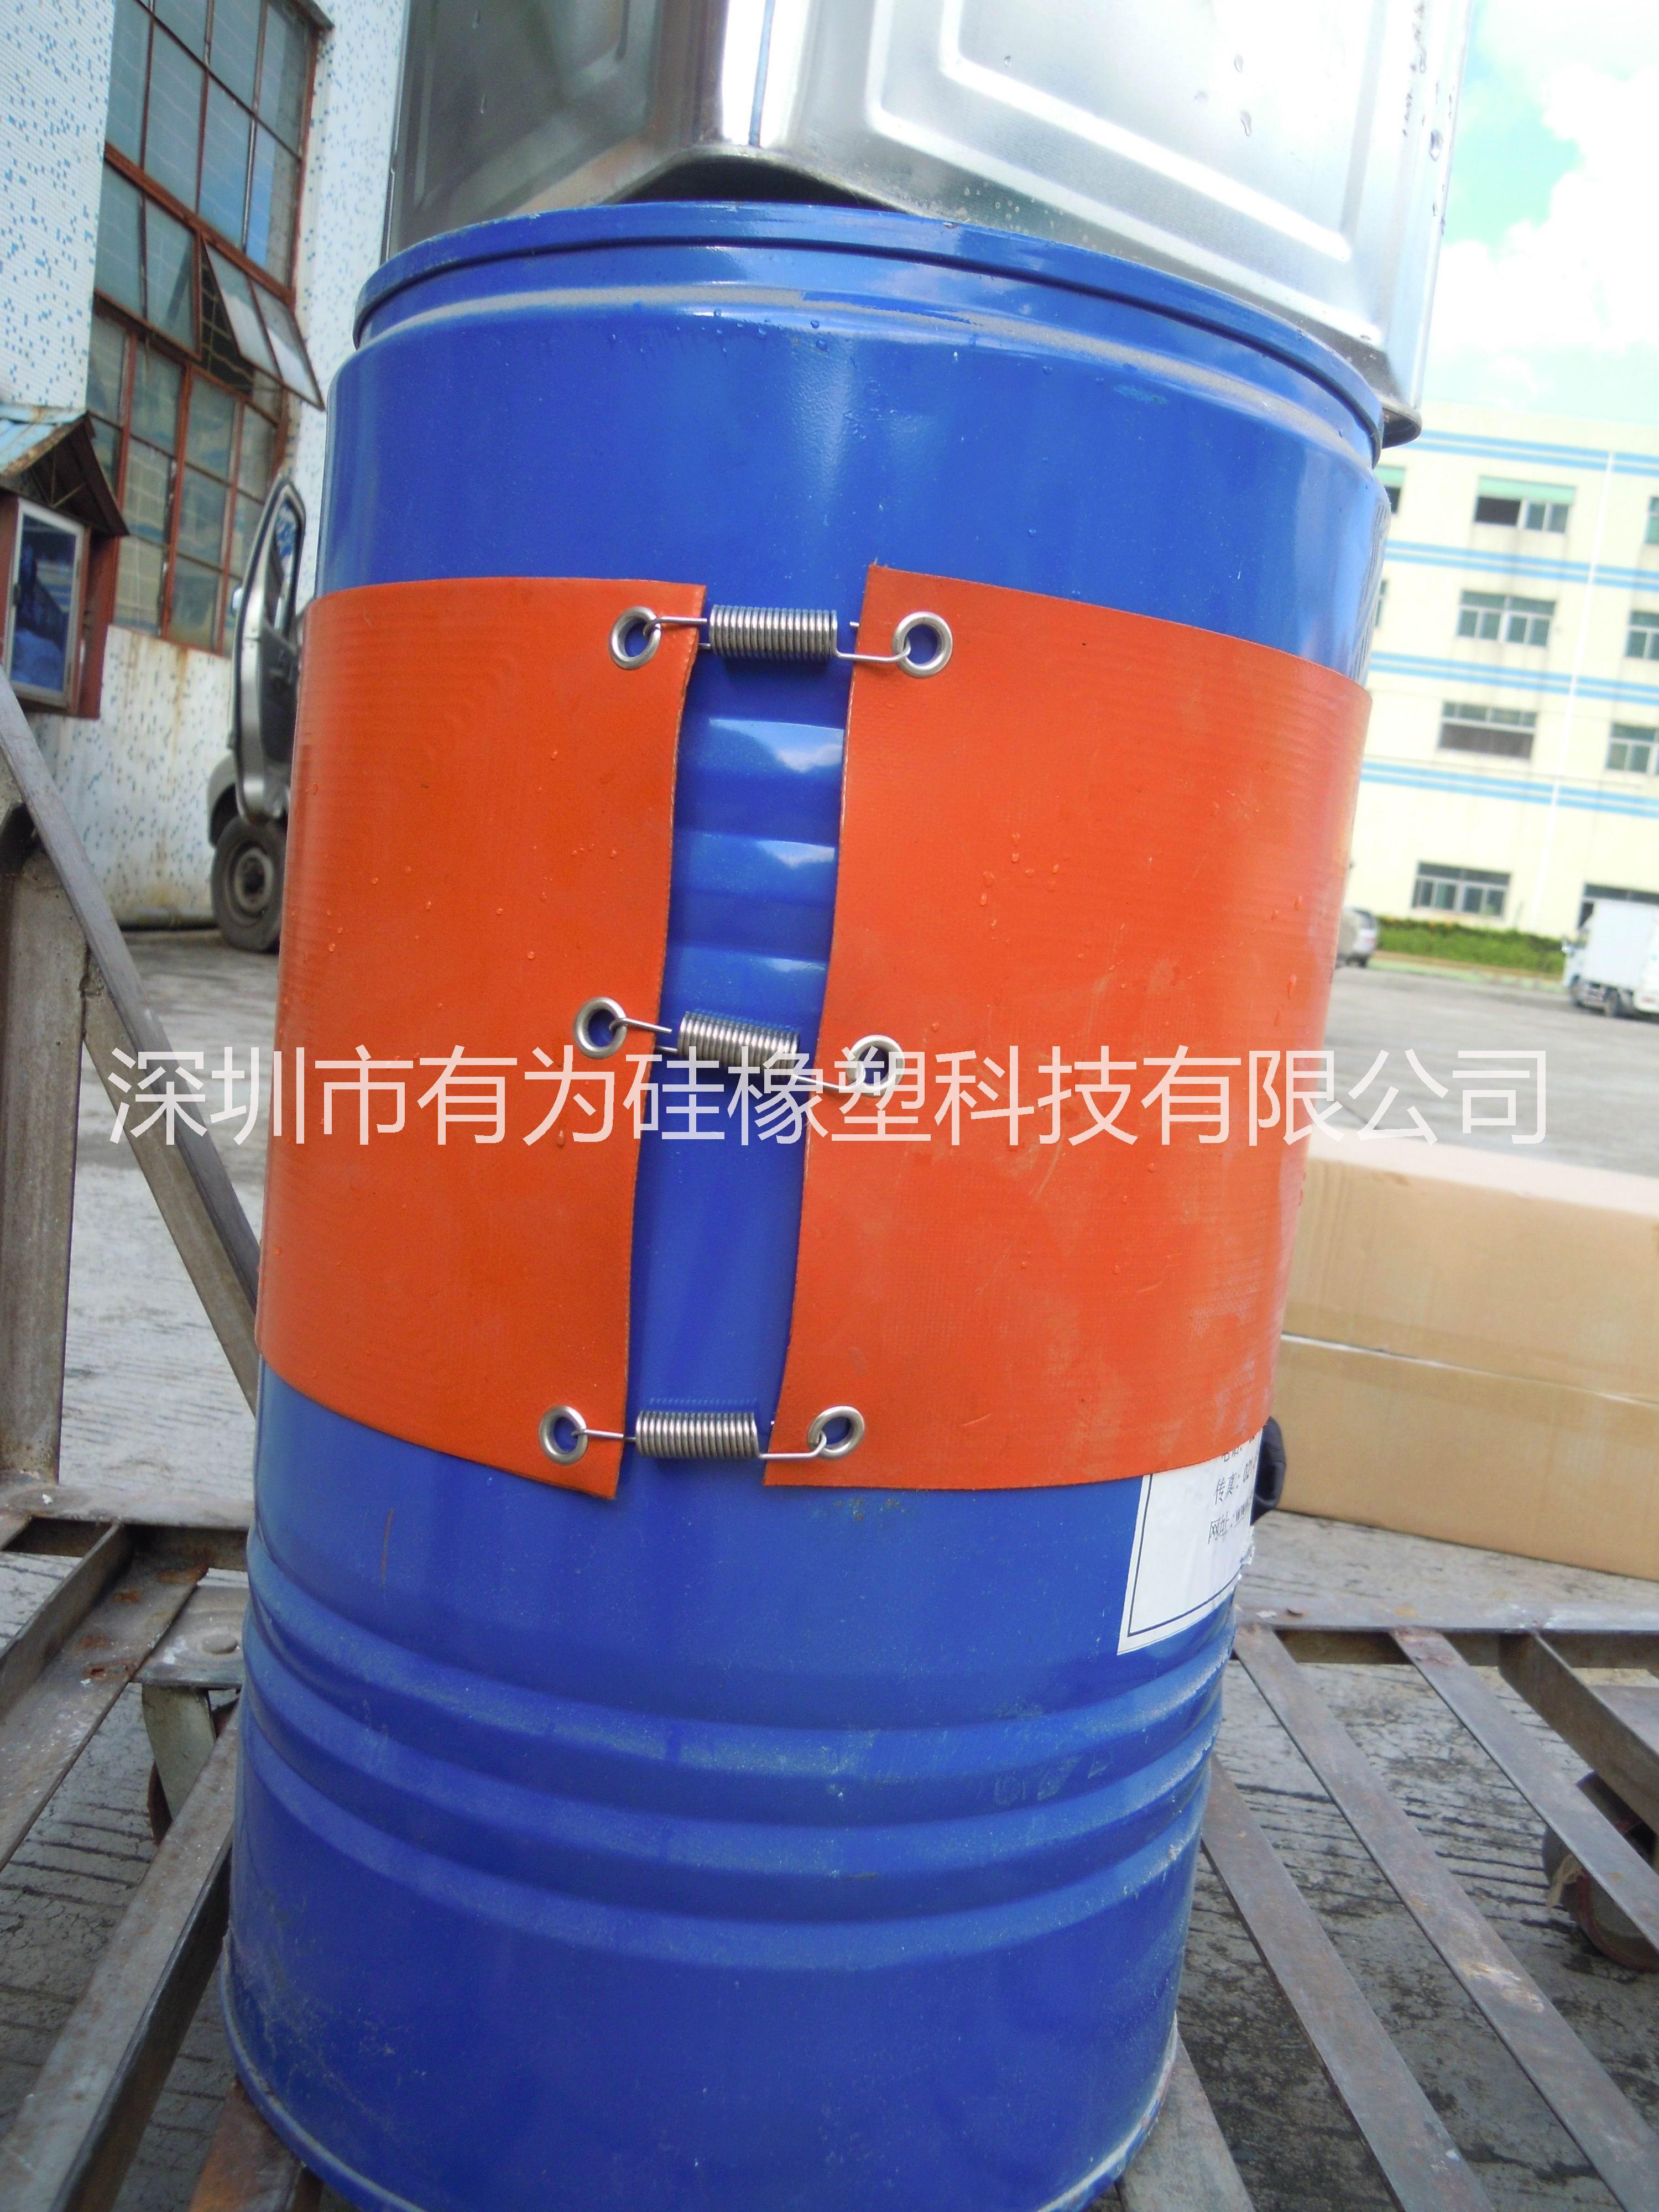 油桶加热带 发热片 硅胶加热膜价格